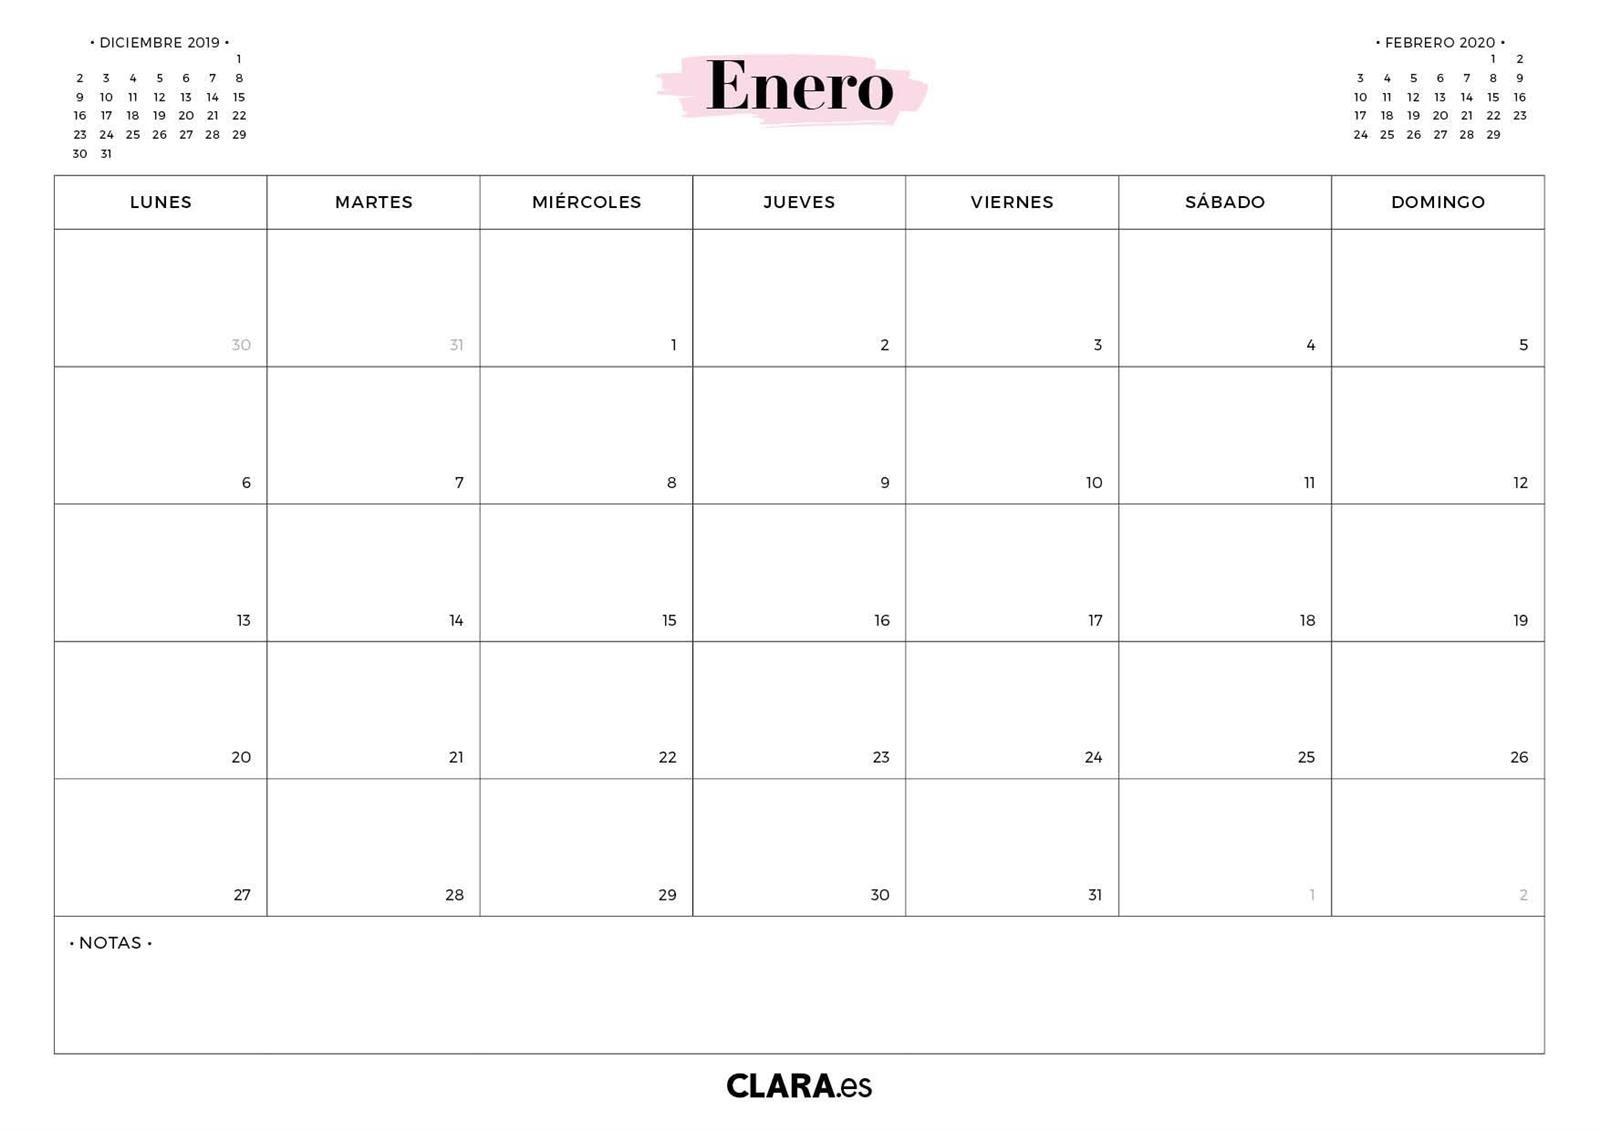 Calendario 2020 Para Imprimir Gratis (En Pdf Y Jpg)  Calendario 2020 Mensual Para Imprimir Gratis Febrero